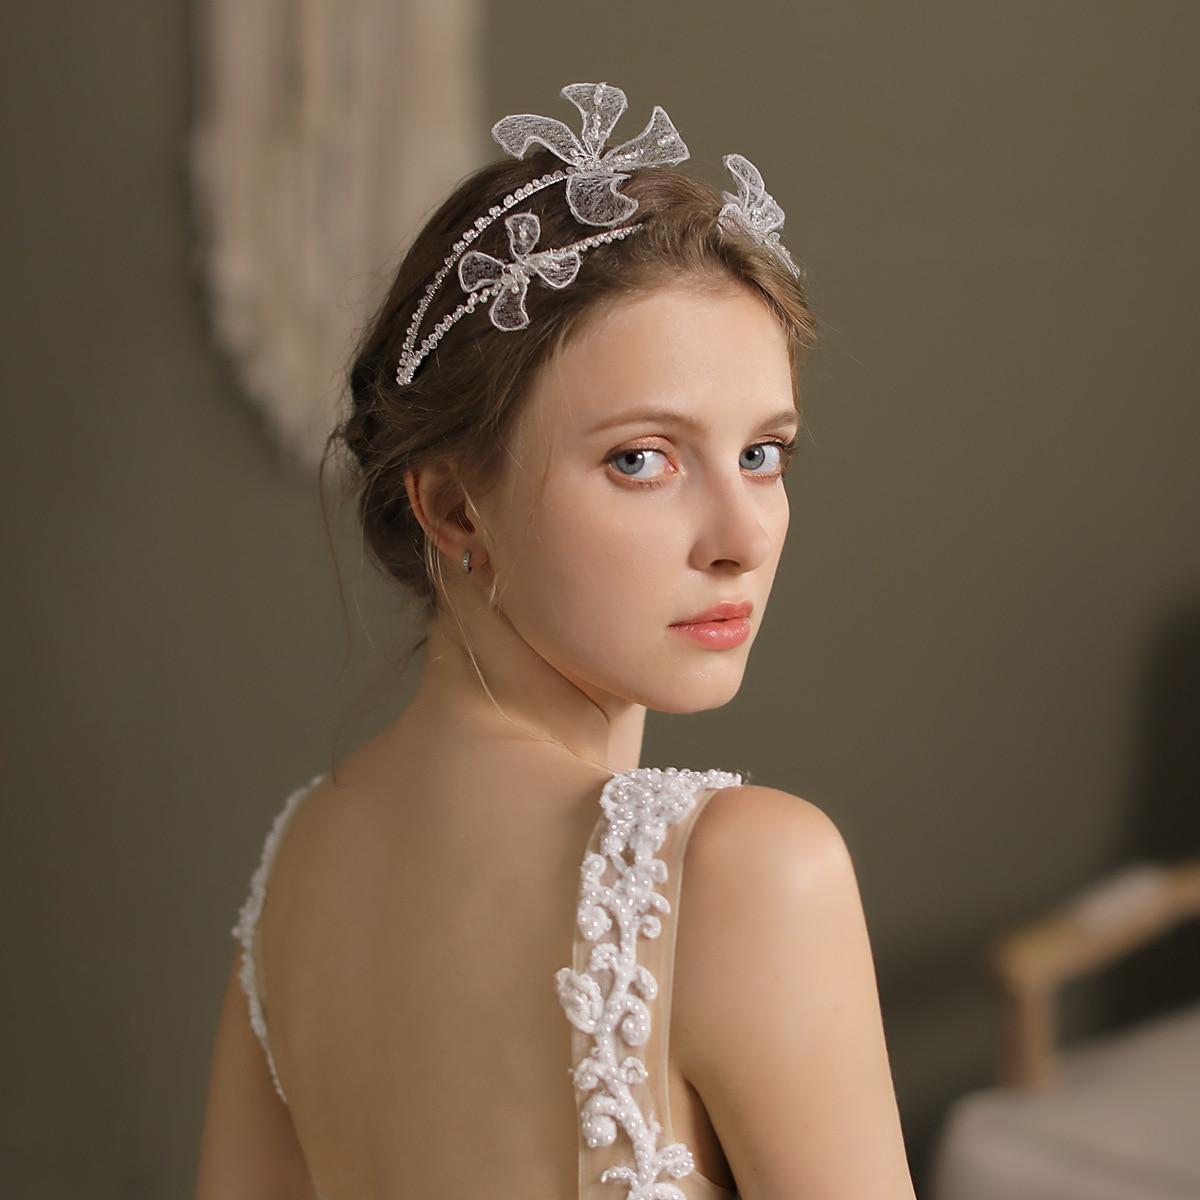 2021 جديد وصول الدانتيل الأزهار الزفاف أغطية الرأس اكسسوارات الزفاف الزفاف خوذة